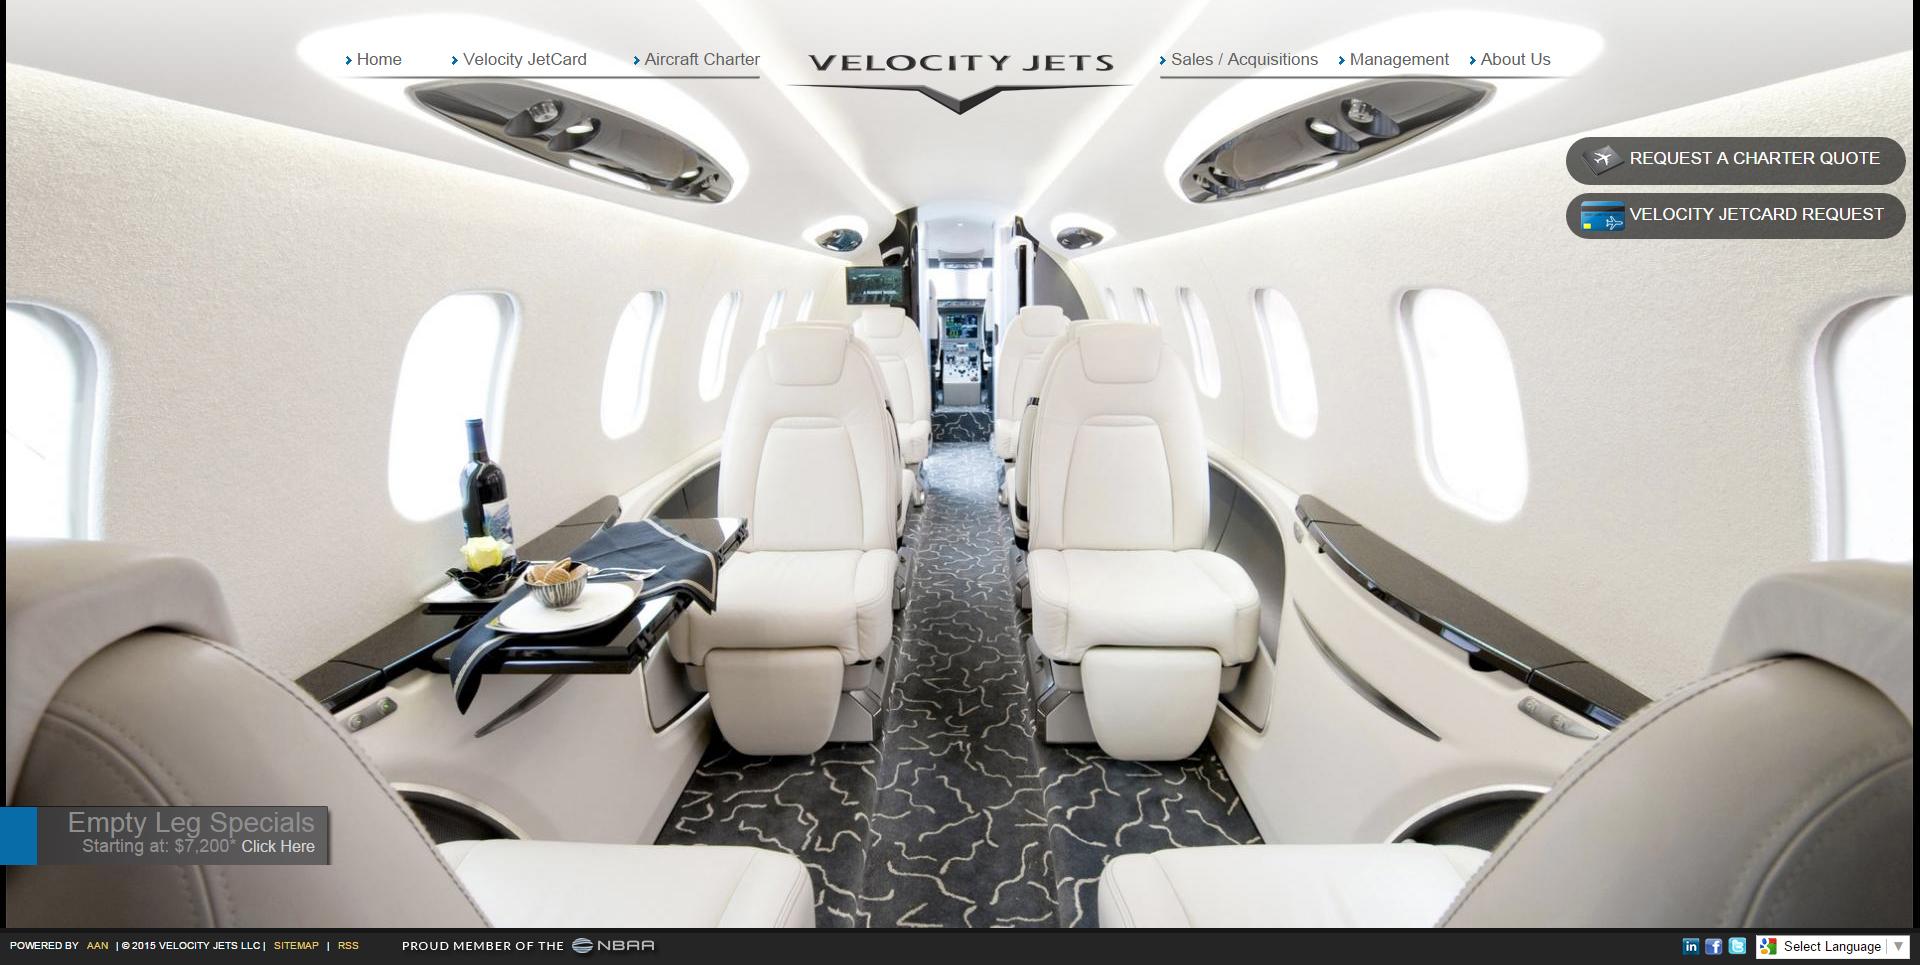 Velocity Jets